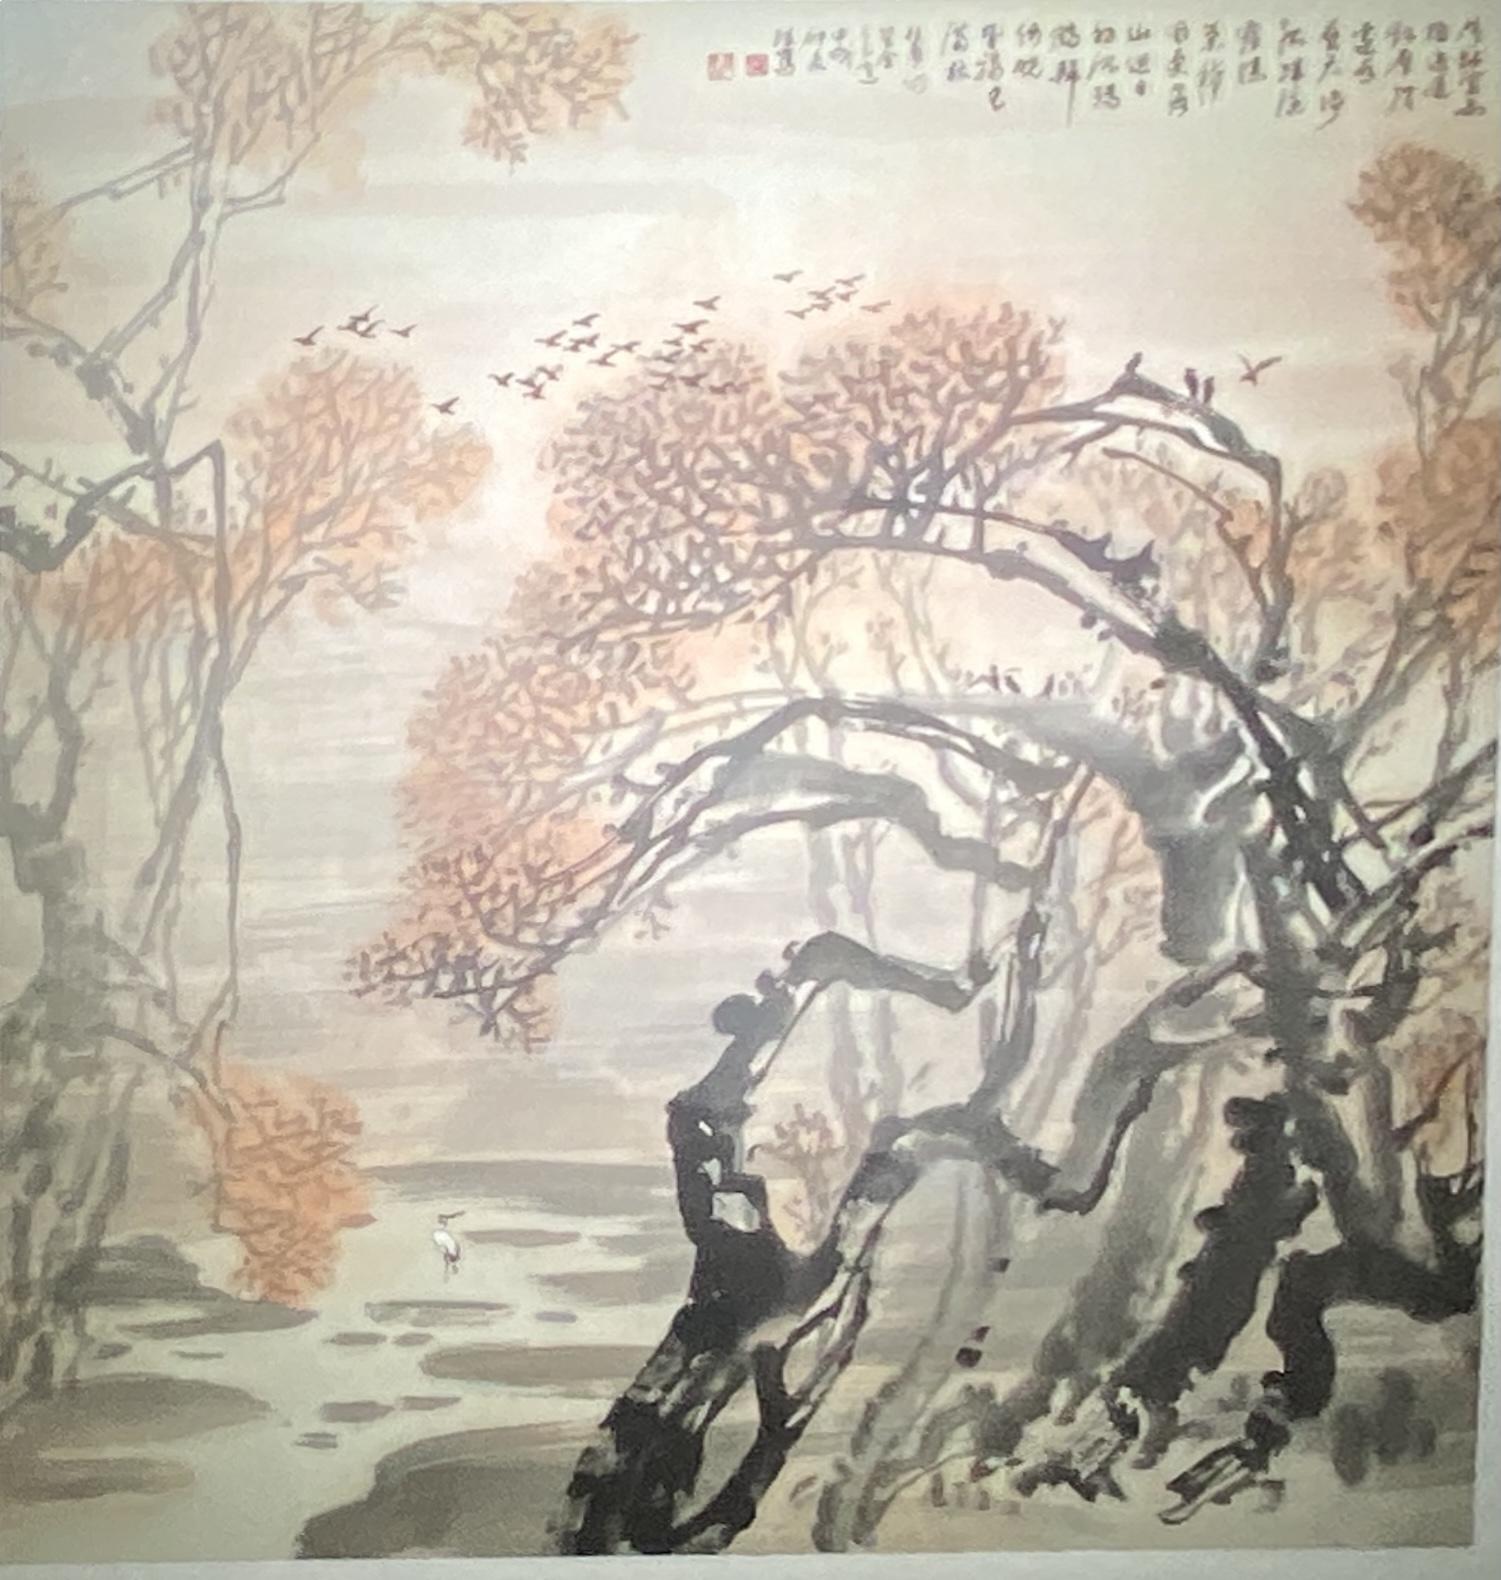 杜甫詩意-1994-中国画-97×90-「丹青を振りかけ、詩情を送る-何継篤個人書画展」成都市美術館